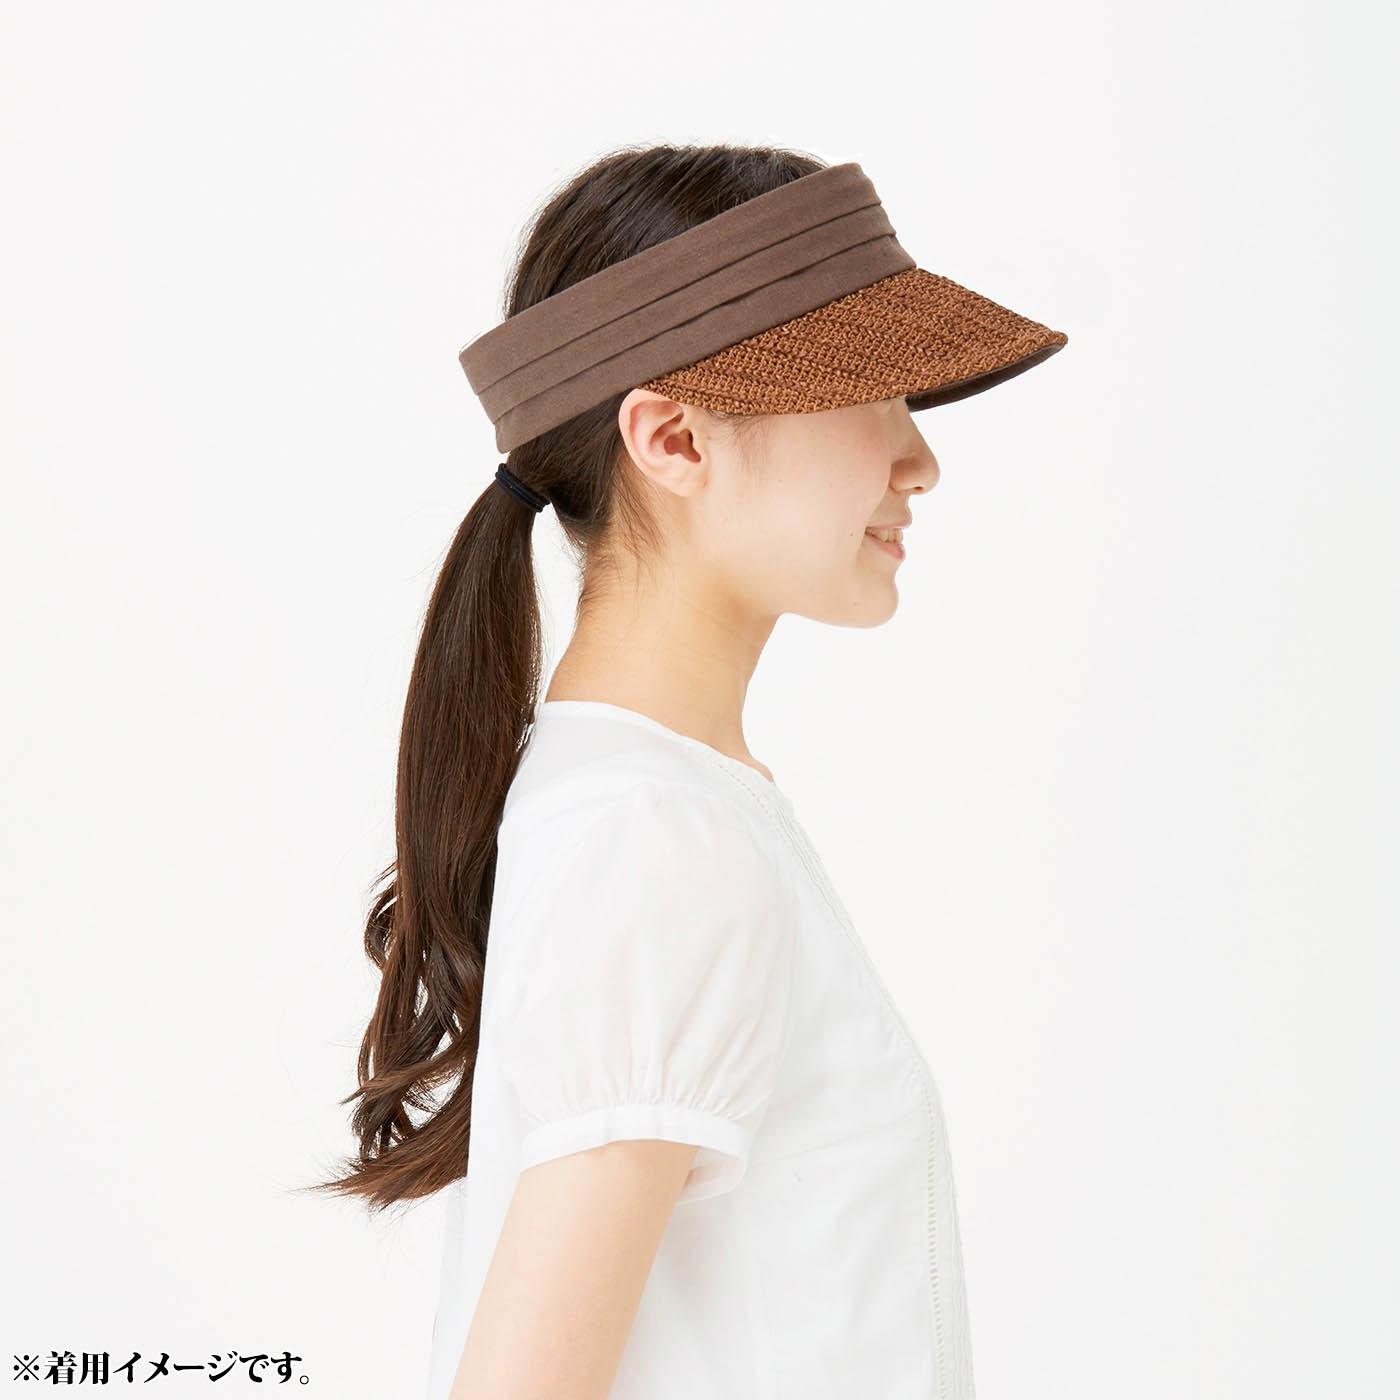 これは参考画像です。むれてヘアスタイルのくずれが気になるときはサンバイザーに。